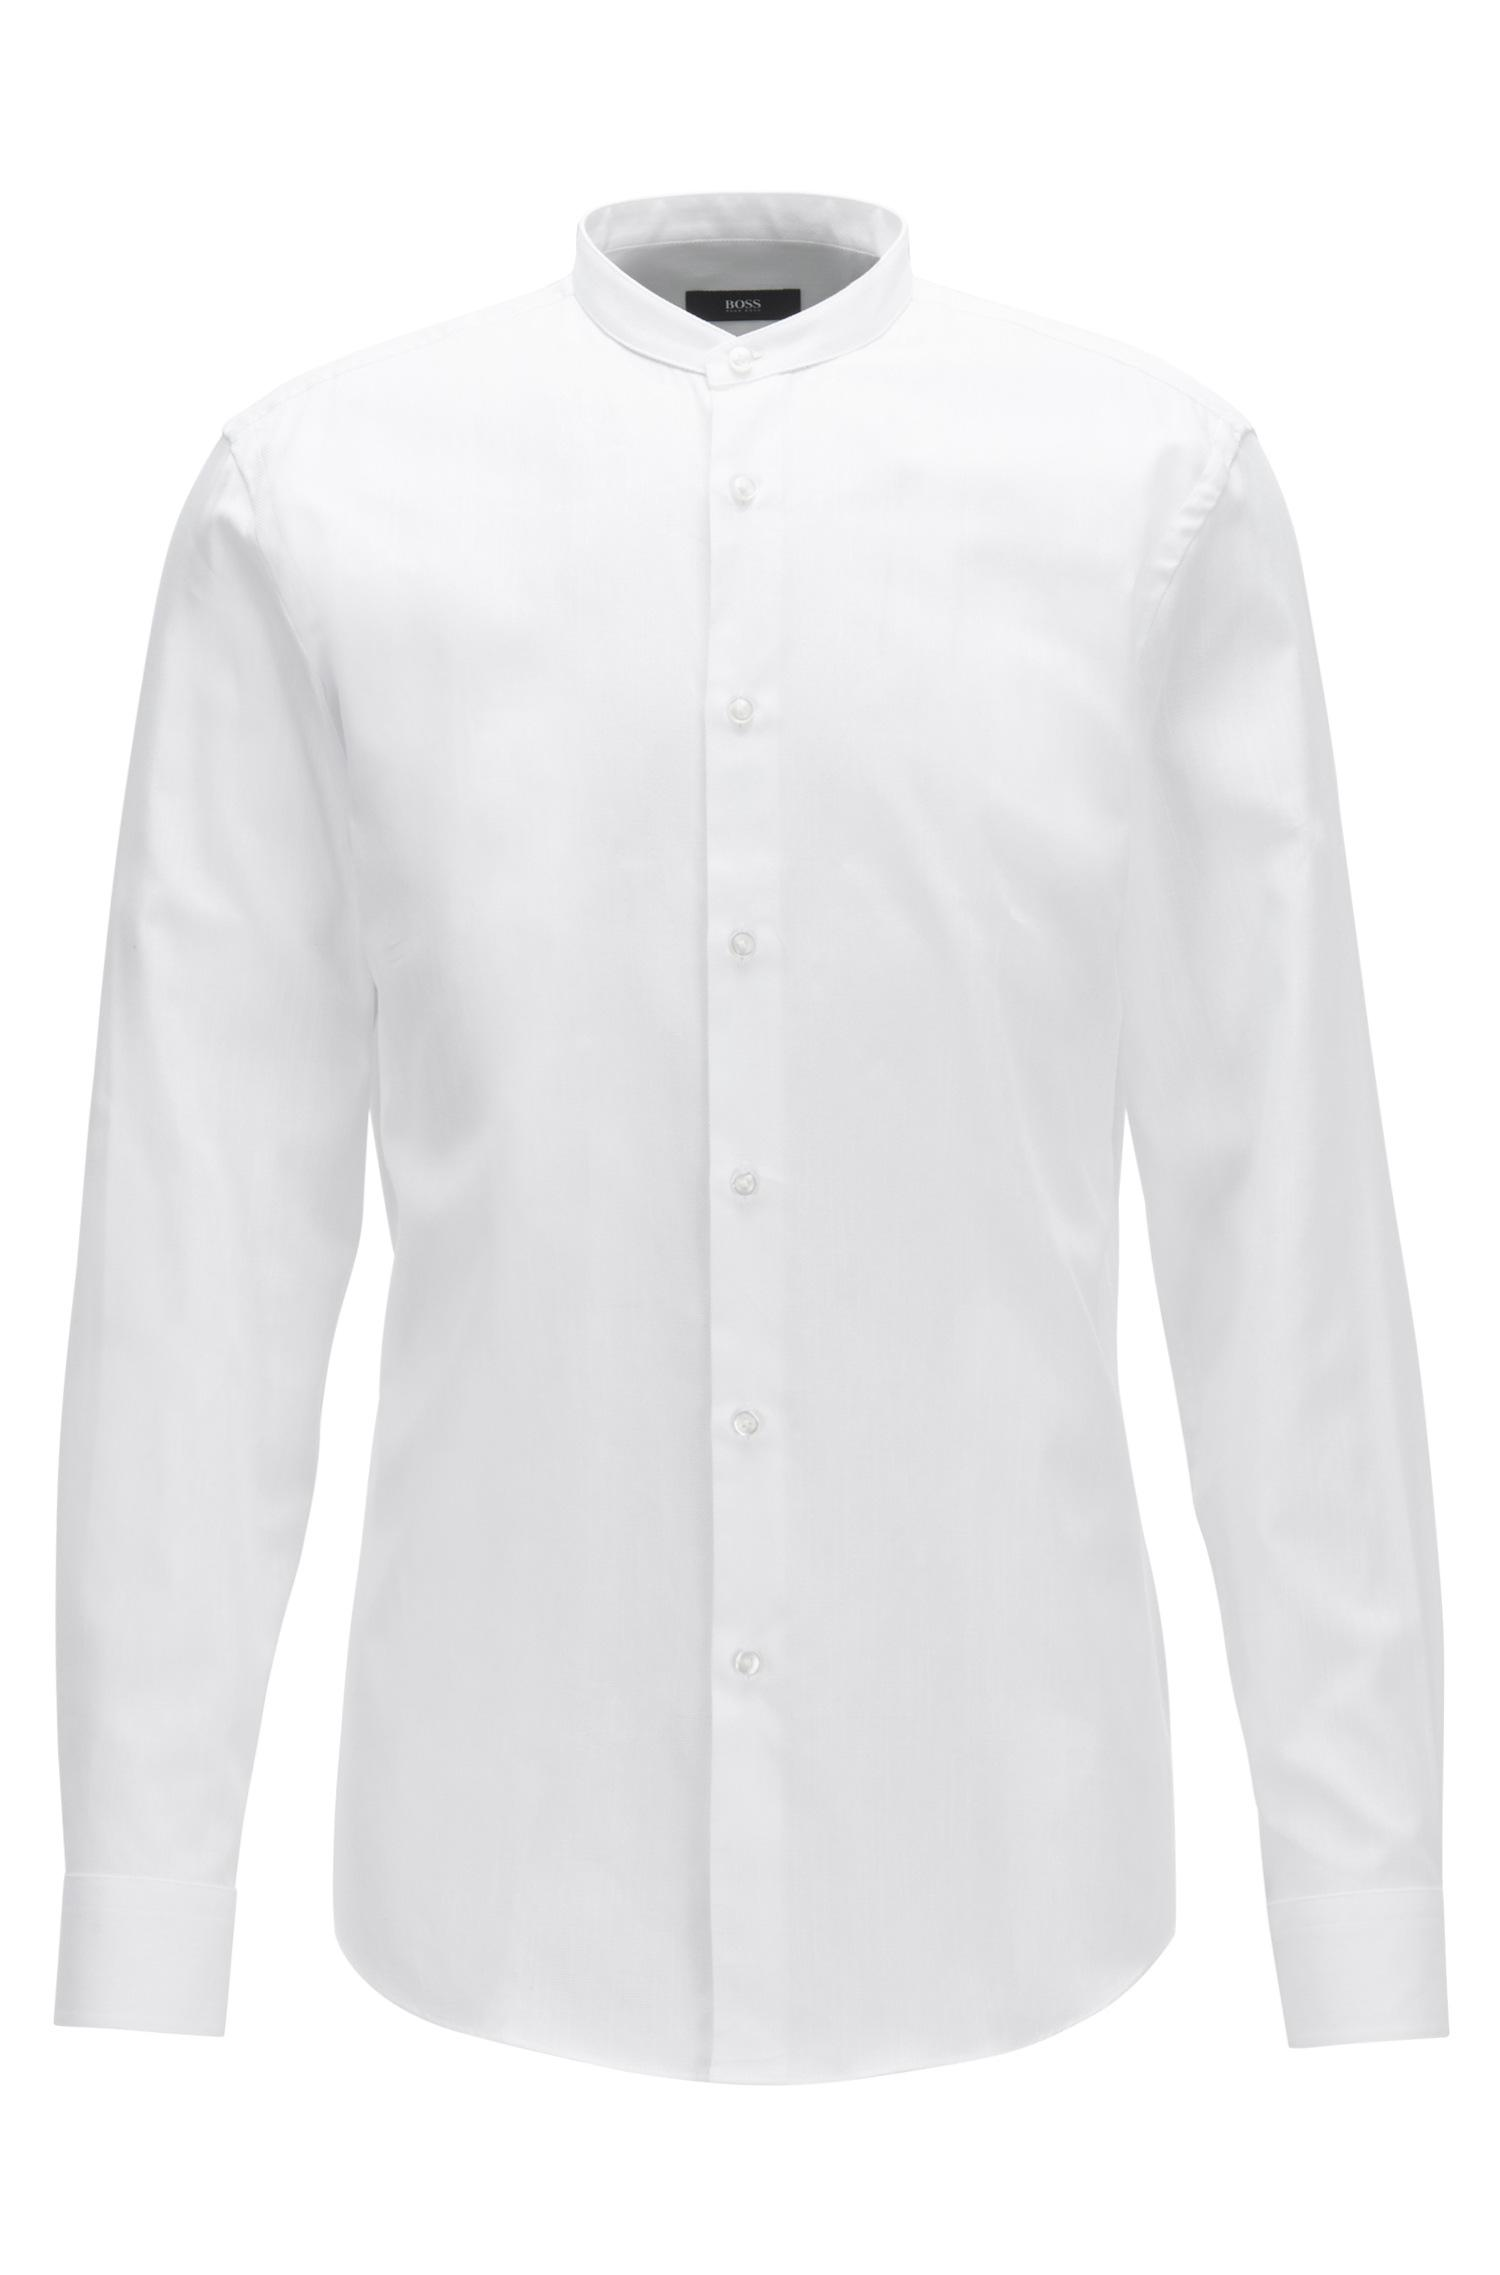 c6405085e BOSS Cotton Dress Shirt, Slim Fit | Jordi in White for Men - Lyst